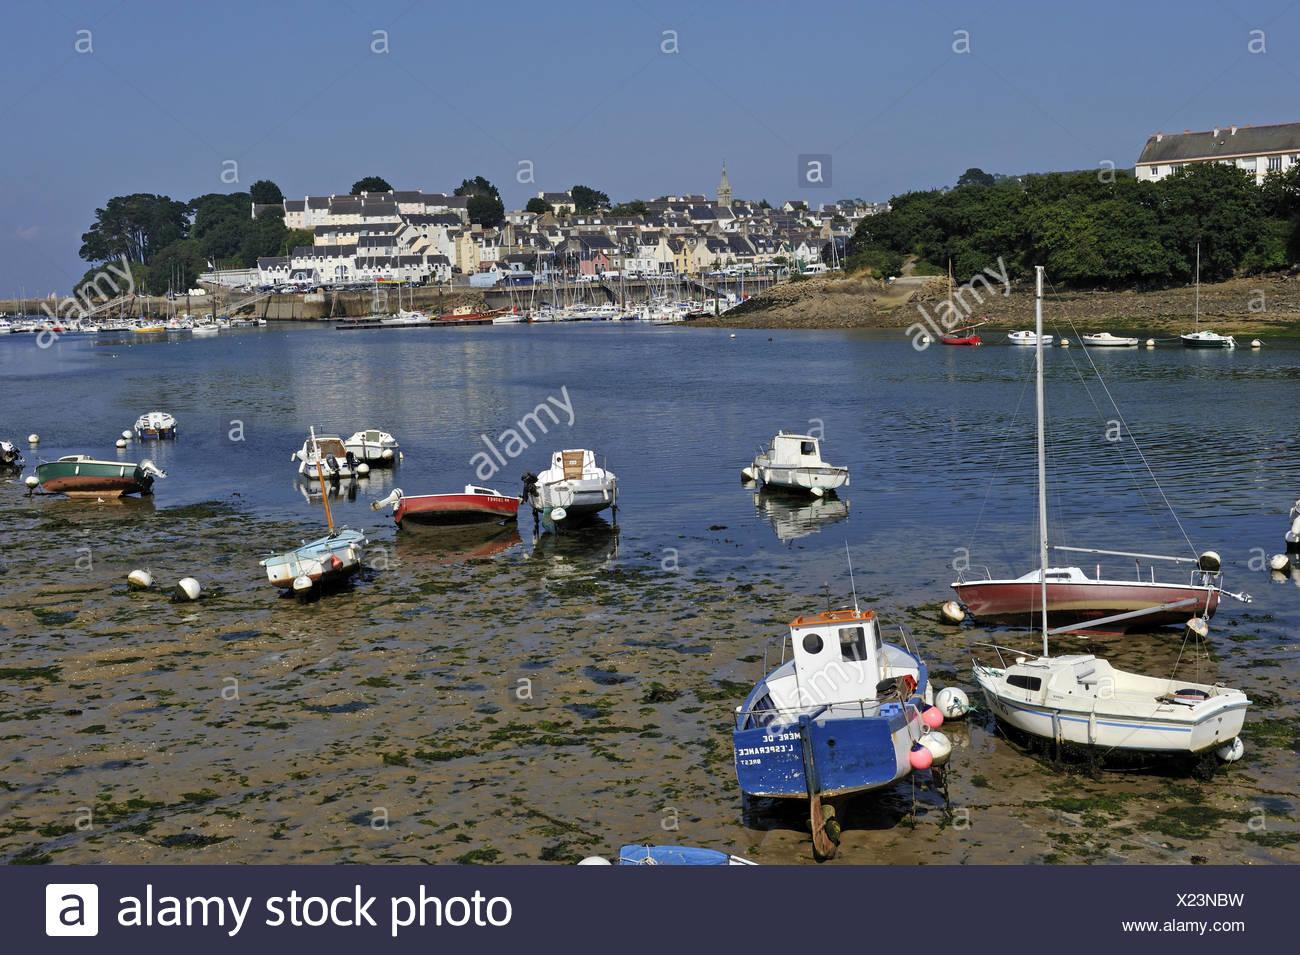 Lungo gli sfondi Atlantico bay barca costa della Bretagna color image cornouaille dipartimento Douarnenez E.U. estuario Europeo in Europa Immagini Stock